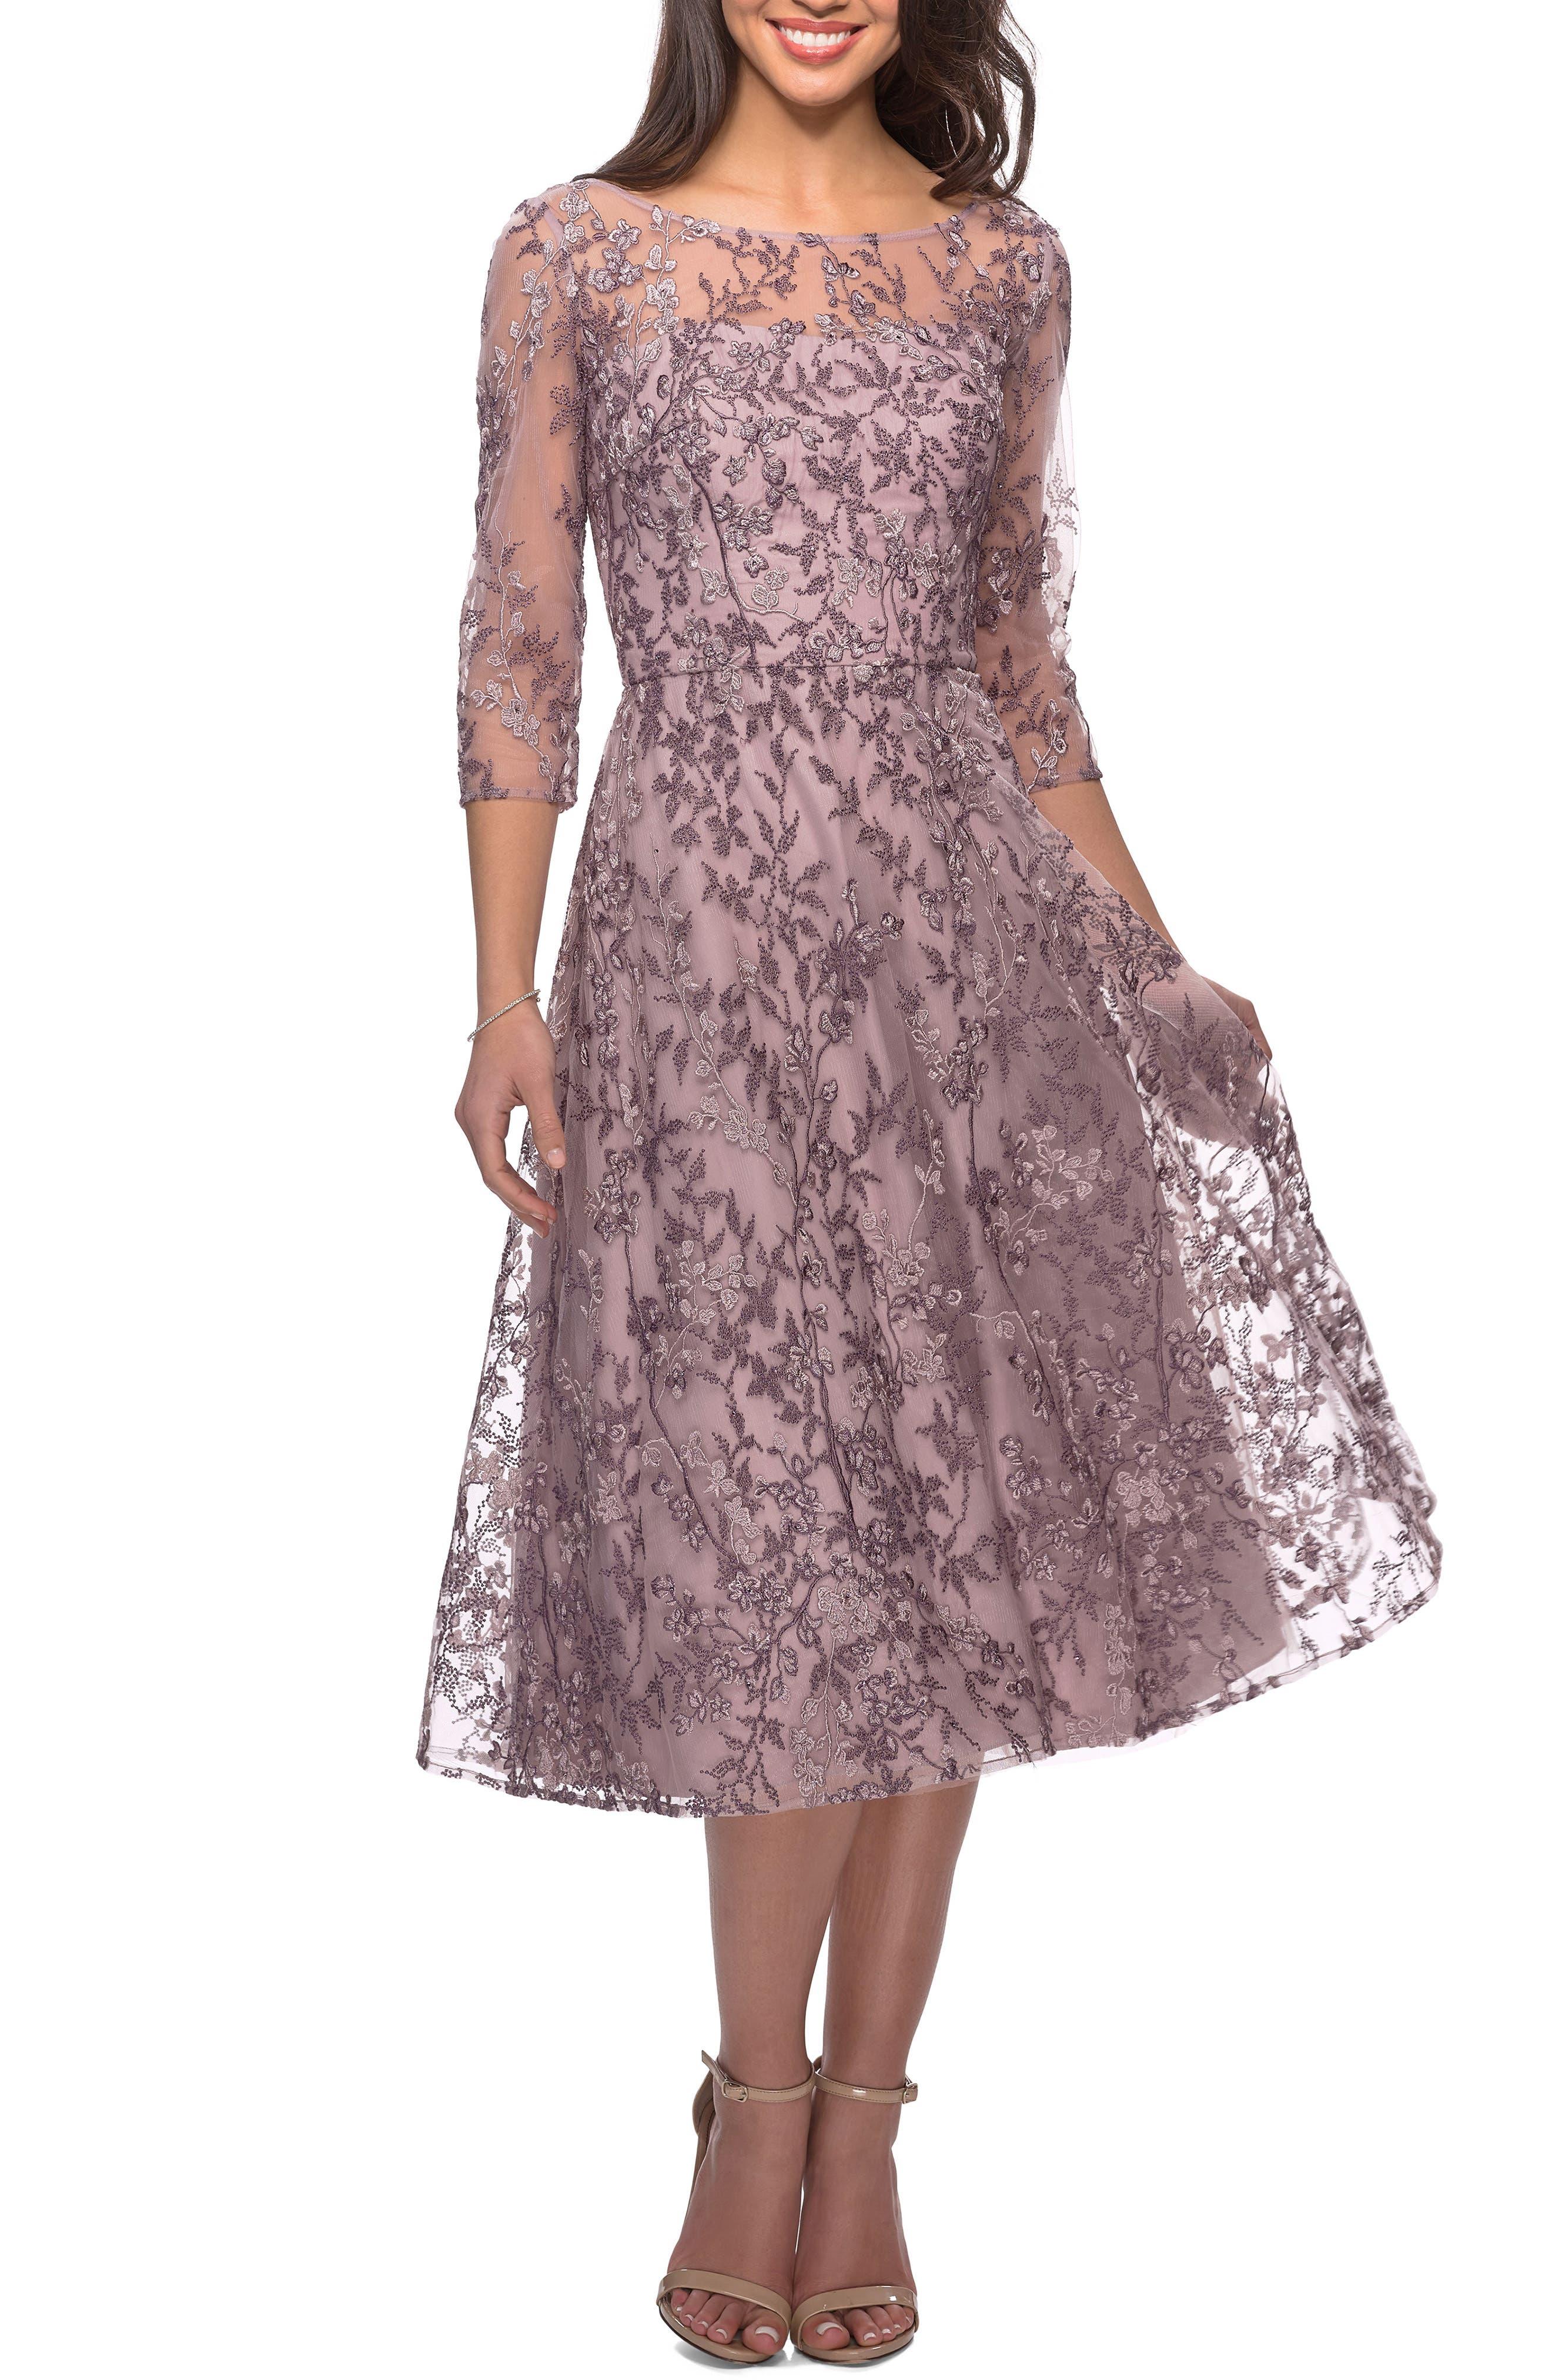 70s Dresses – Disco Dress, Hippie Dress, Wrap Dress Womens La Femme Lace Cocktail Dress $398.00 AT vintagedancer.com